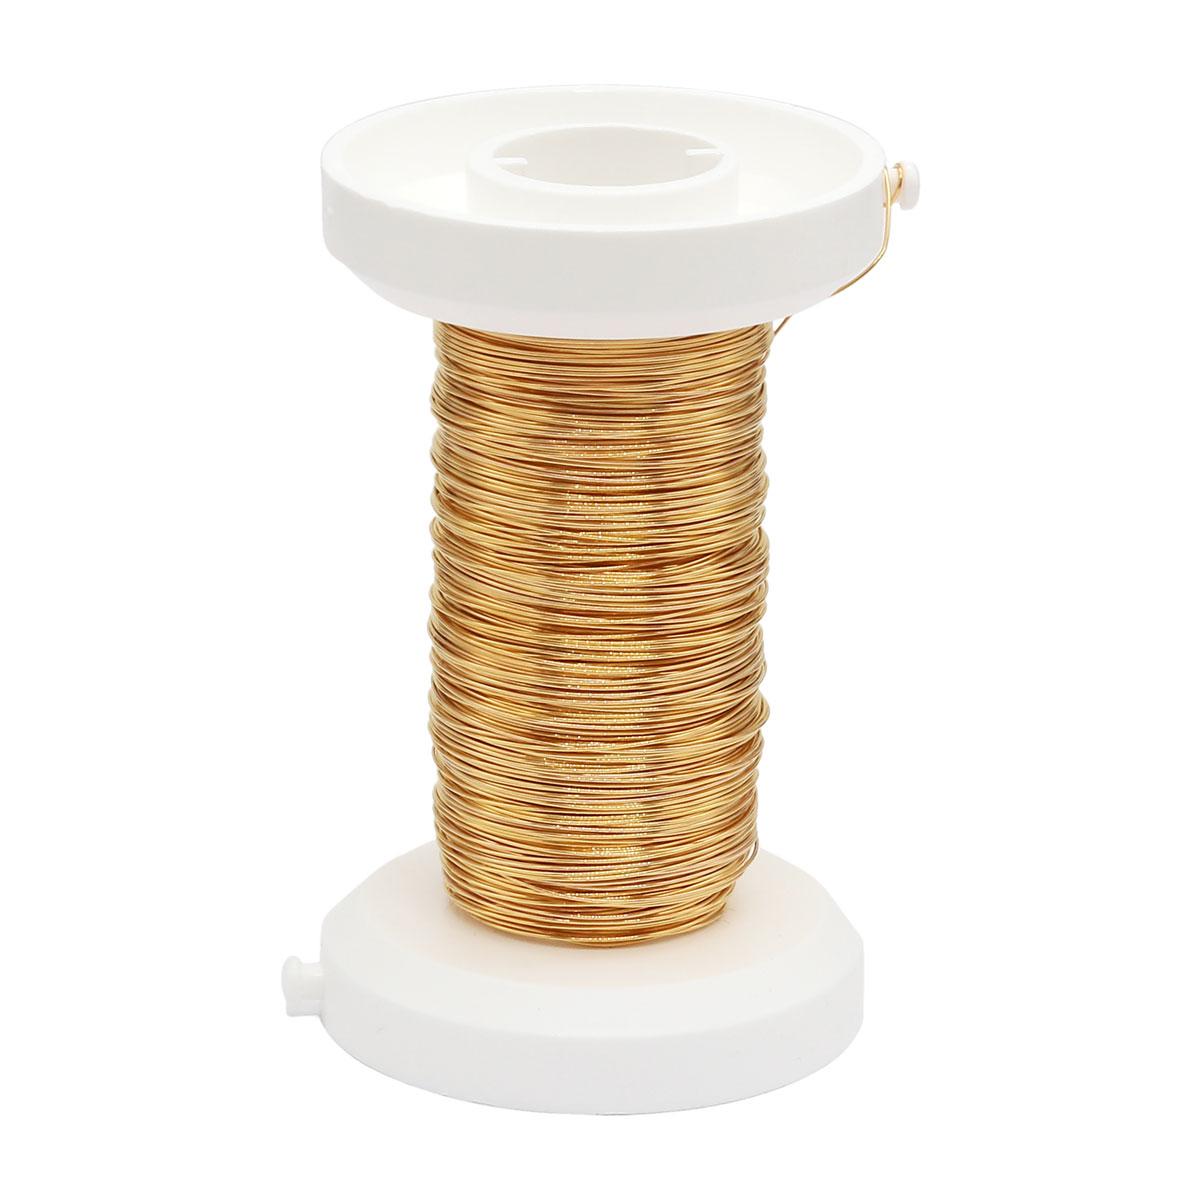 62220110 Проволока, золото (позолоченная), 0,25мм 35м Glorex